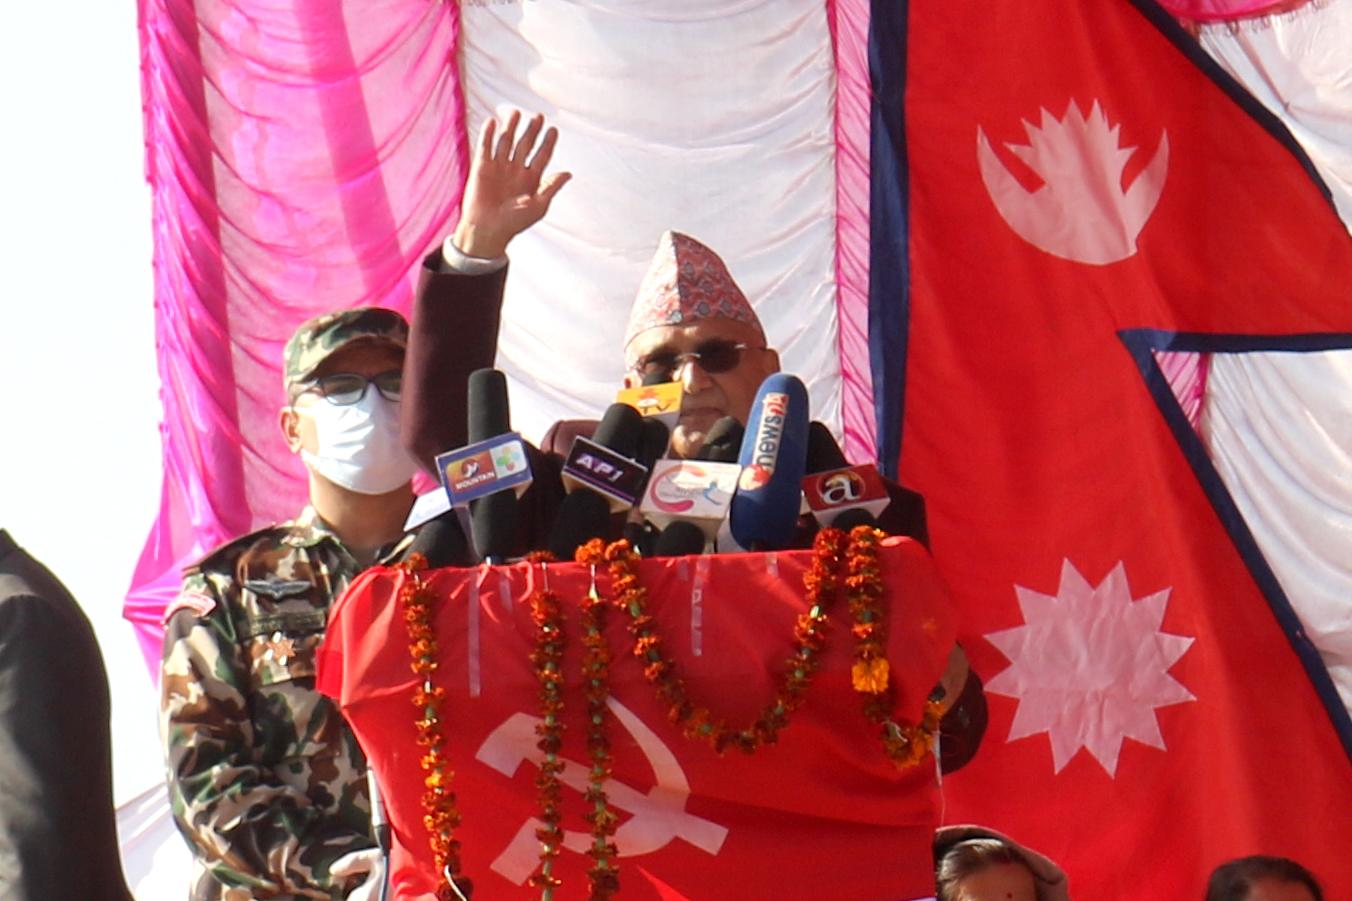 नेकपा आफ्ना नातेदारको पार्टी होइनः प्रधानमन्त्री ओली